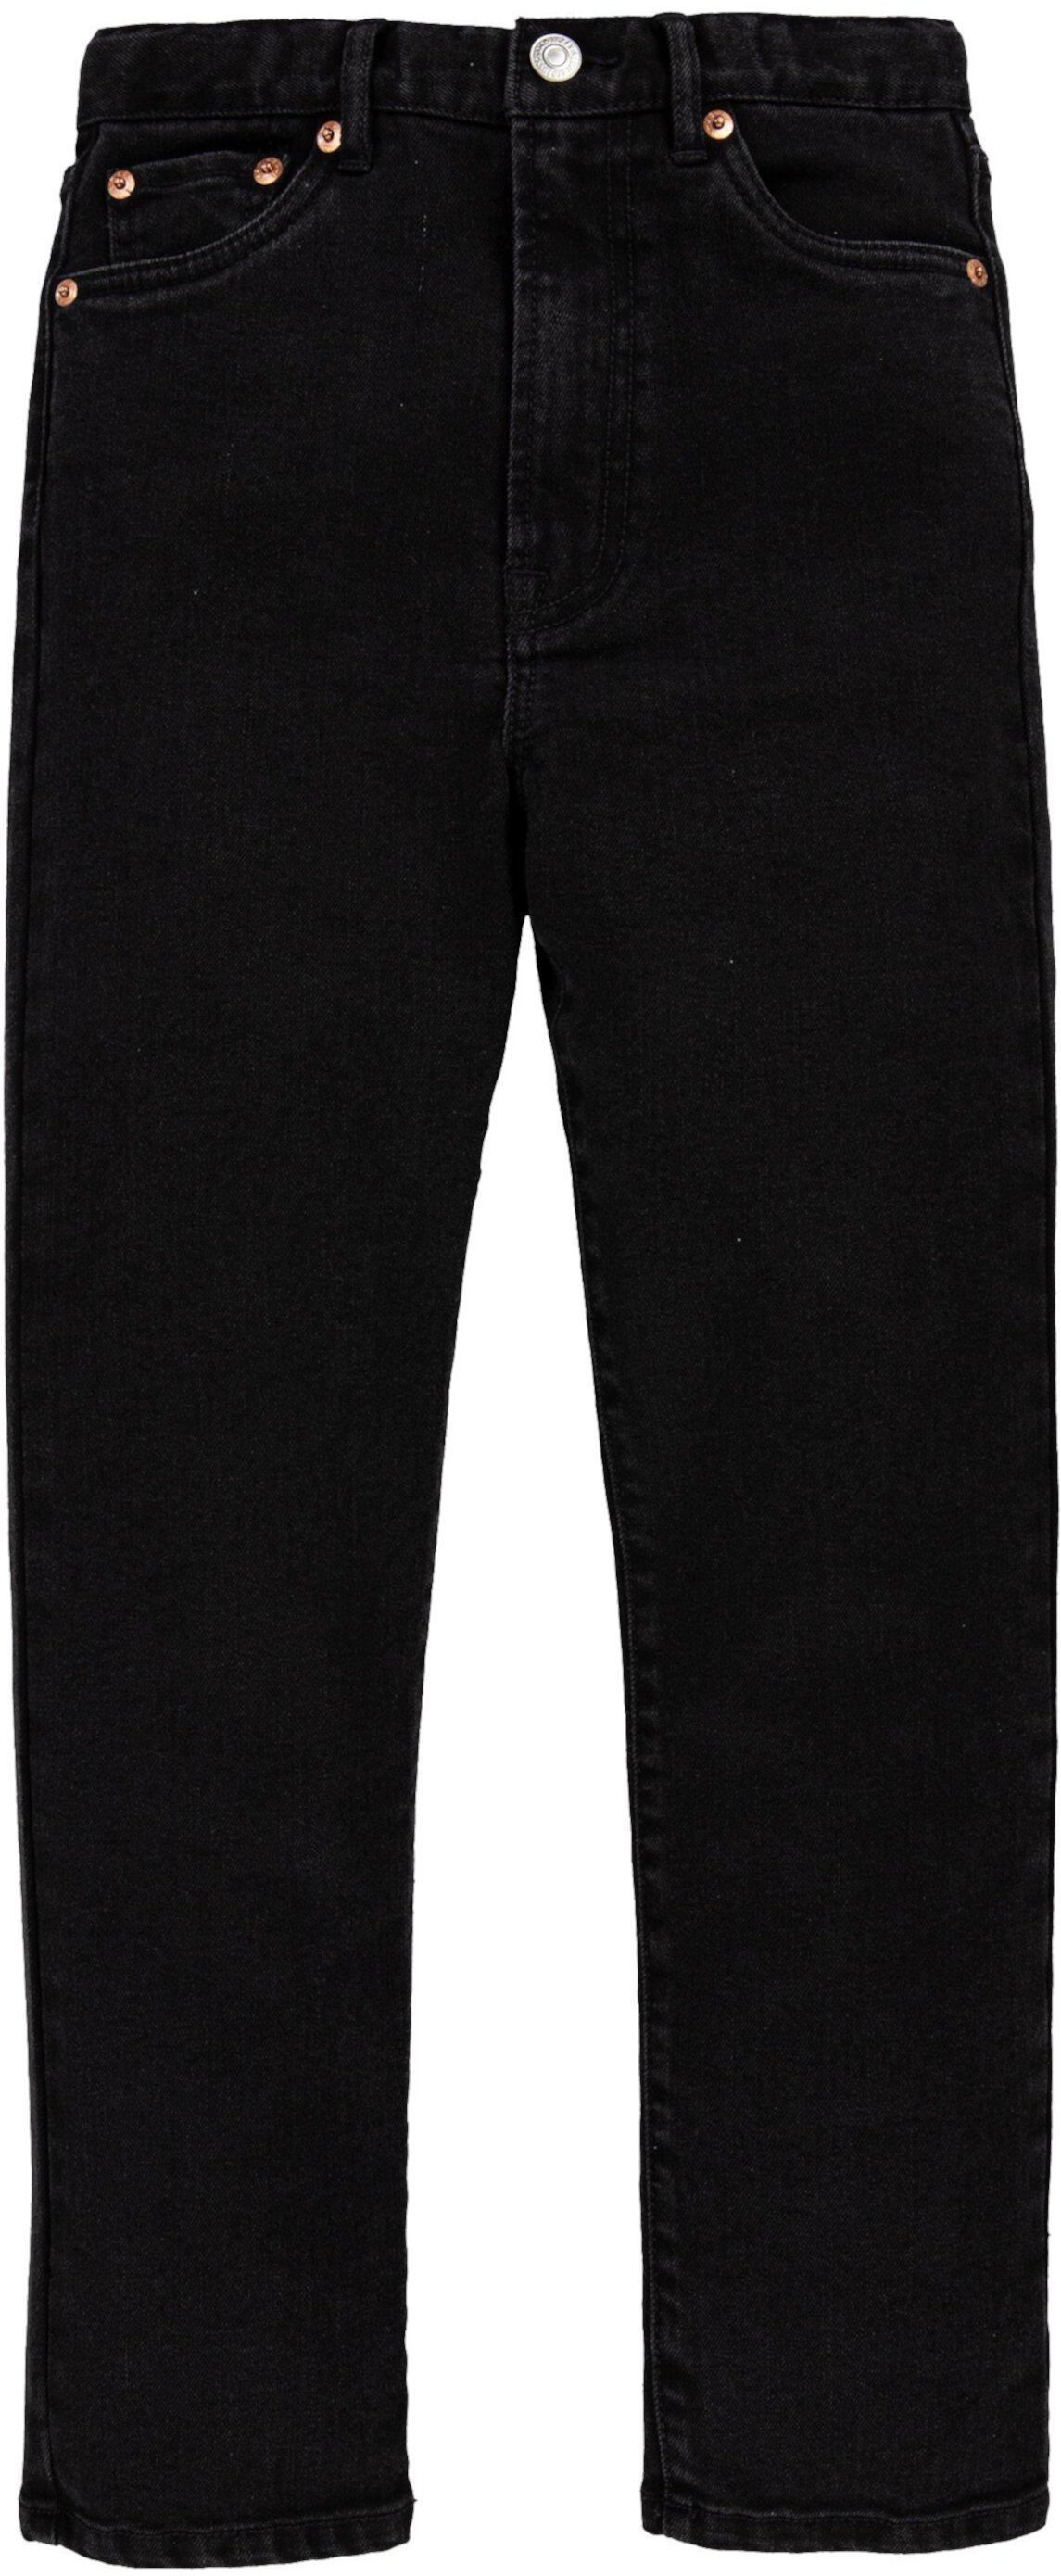 Прямые джинсы до щиколотки Ribcage (Big Kids) Levi's®